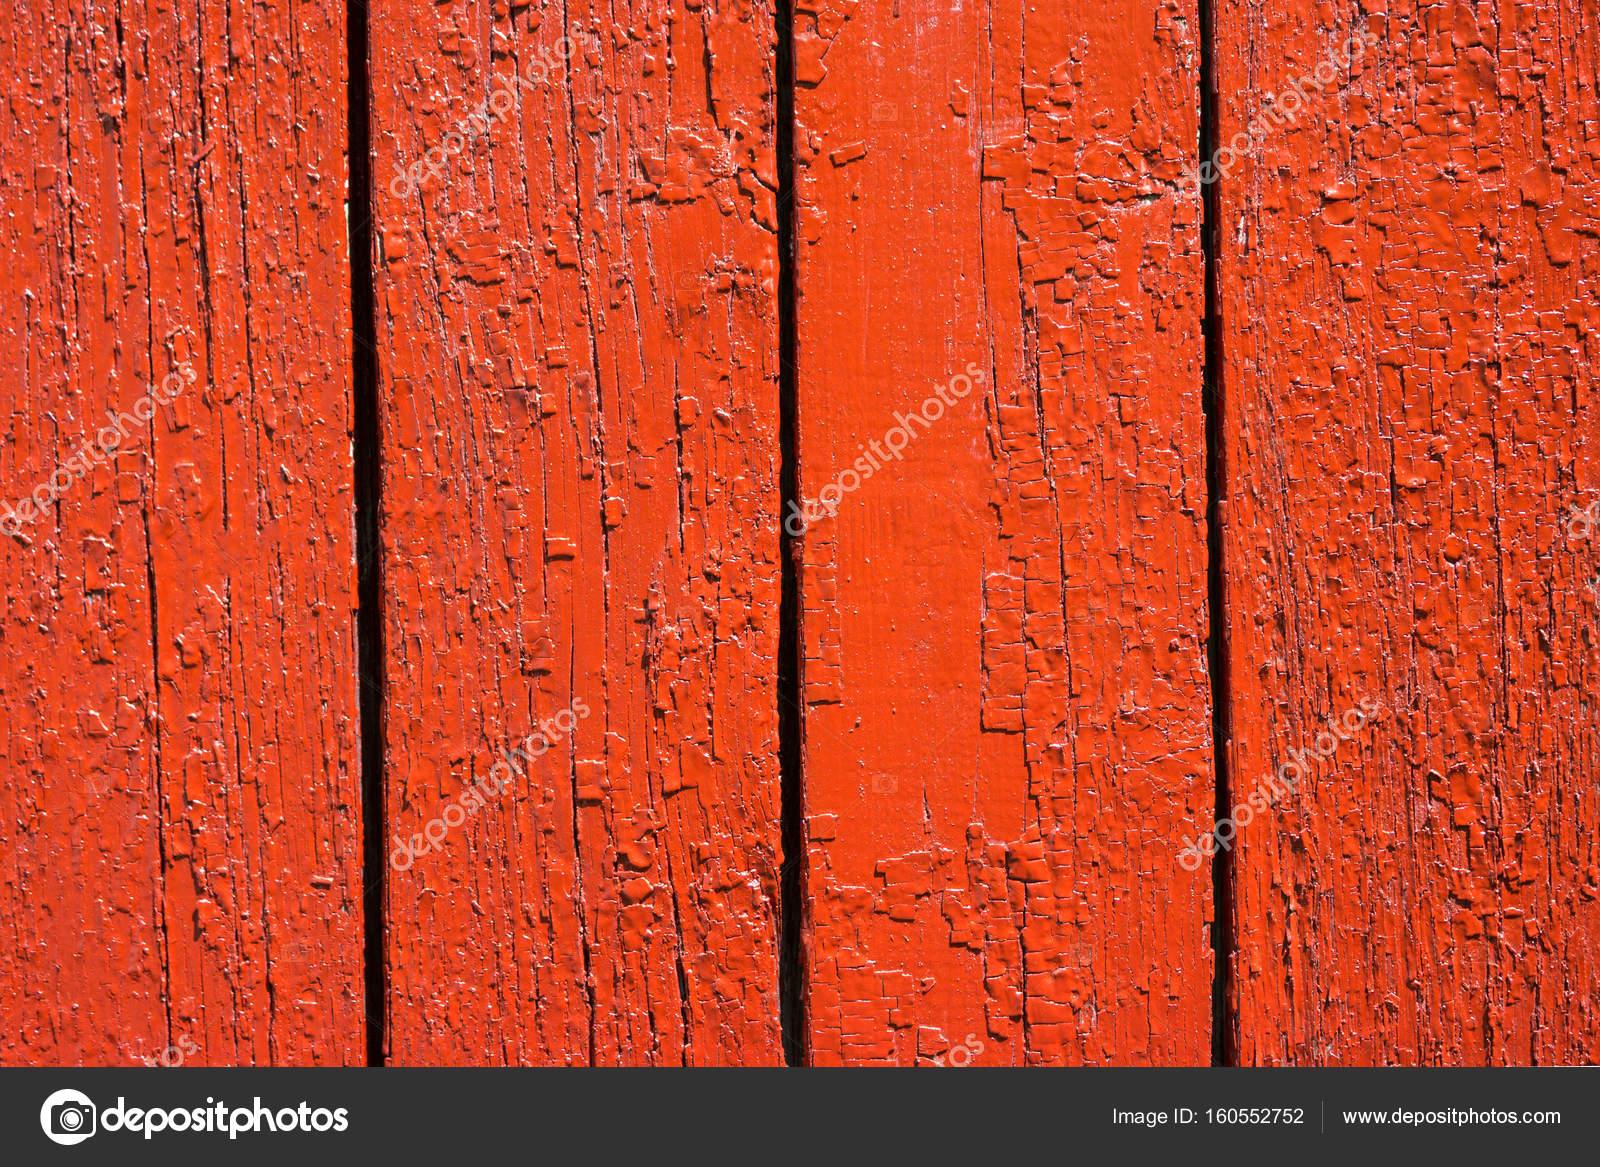 Image De Fond D Un Mur En Bois Peint En Couleur Rouge Vif